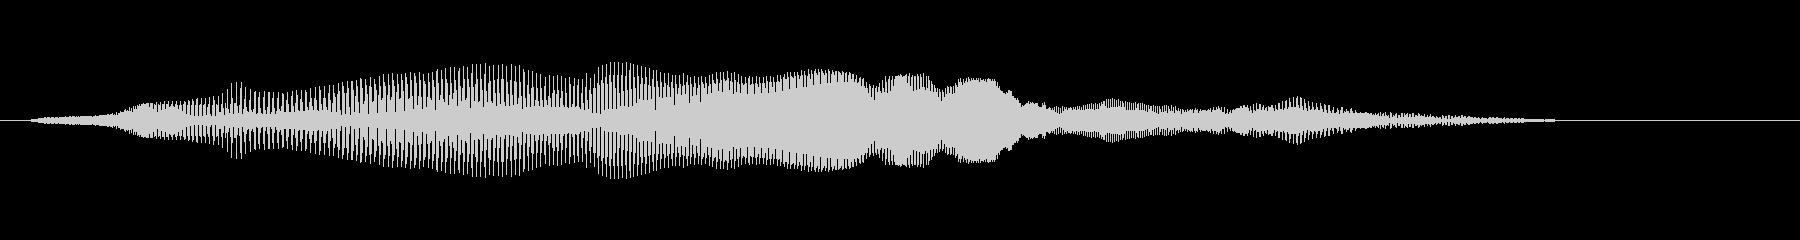 「ワオ!」5の未再生の波形